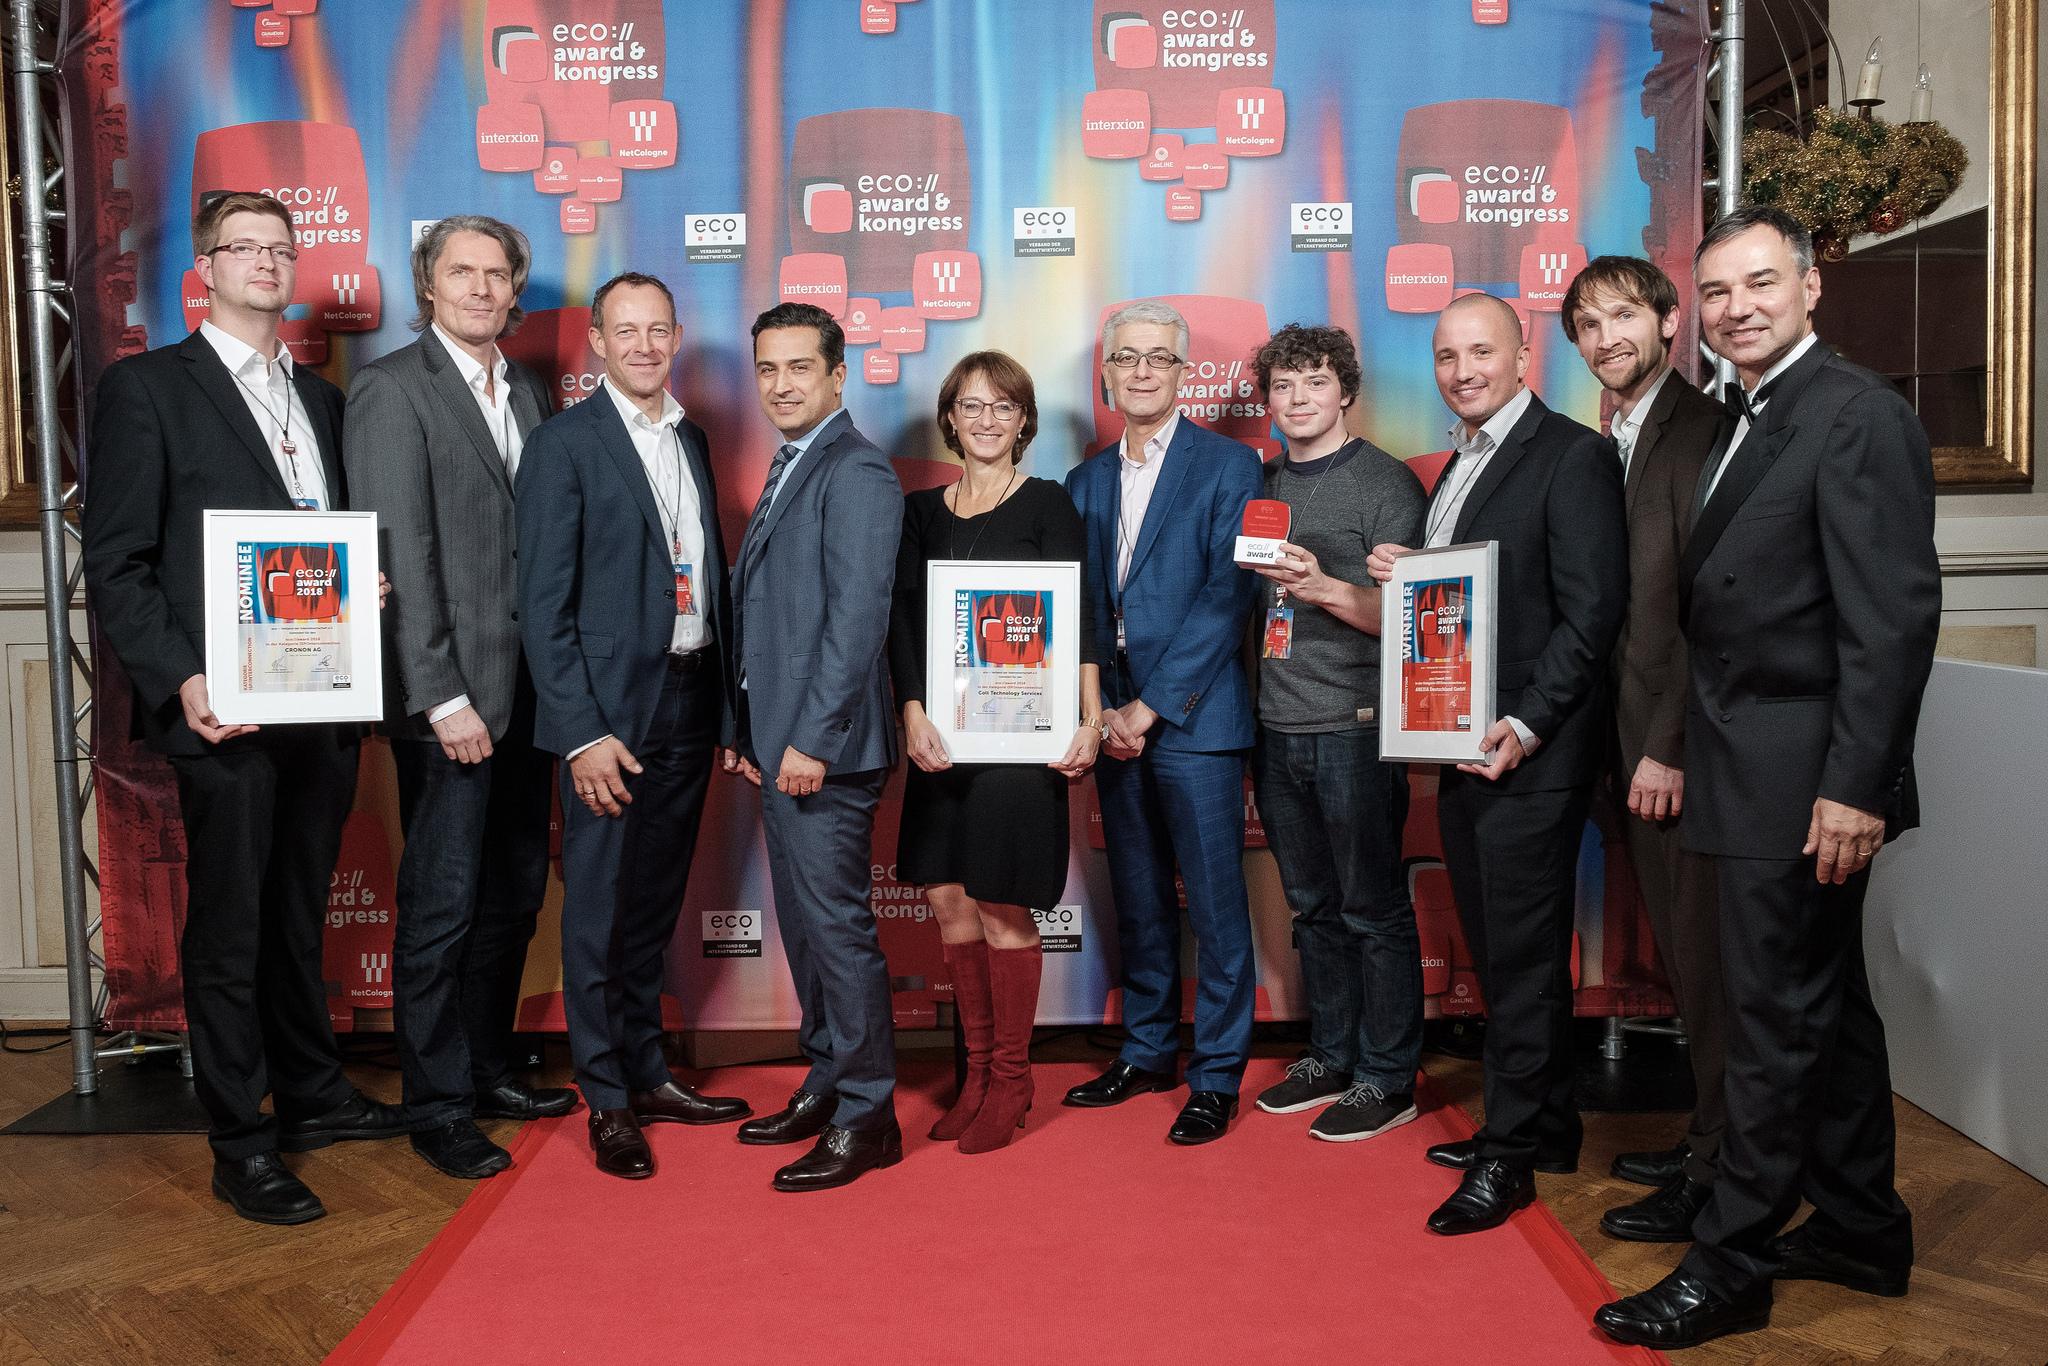 eco://kongress & eco:awards: Gemeinsam die digitale Zukunft gestalten 32